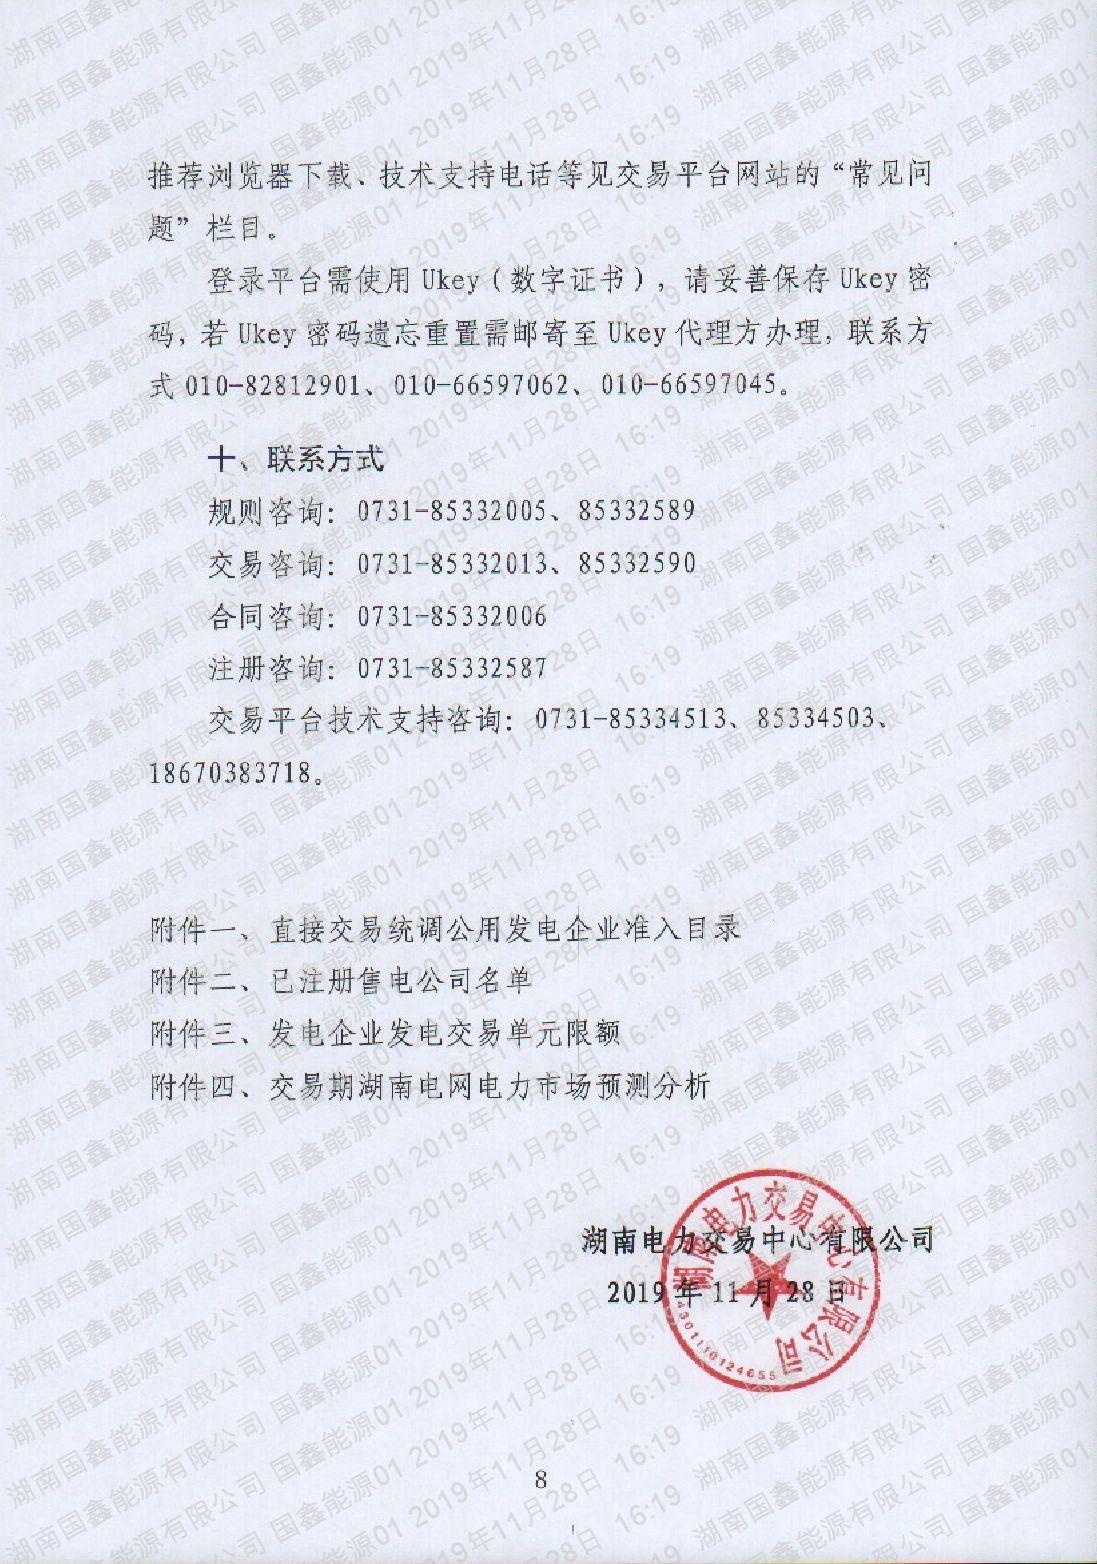 2019年第31號交易公告(12月月度交易).pdf_page_8_compressed.jpg